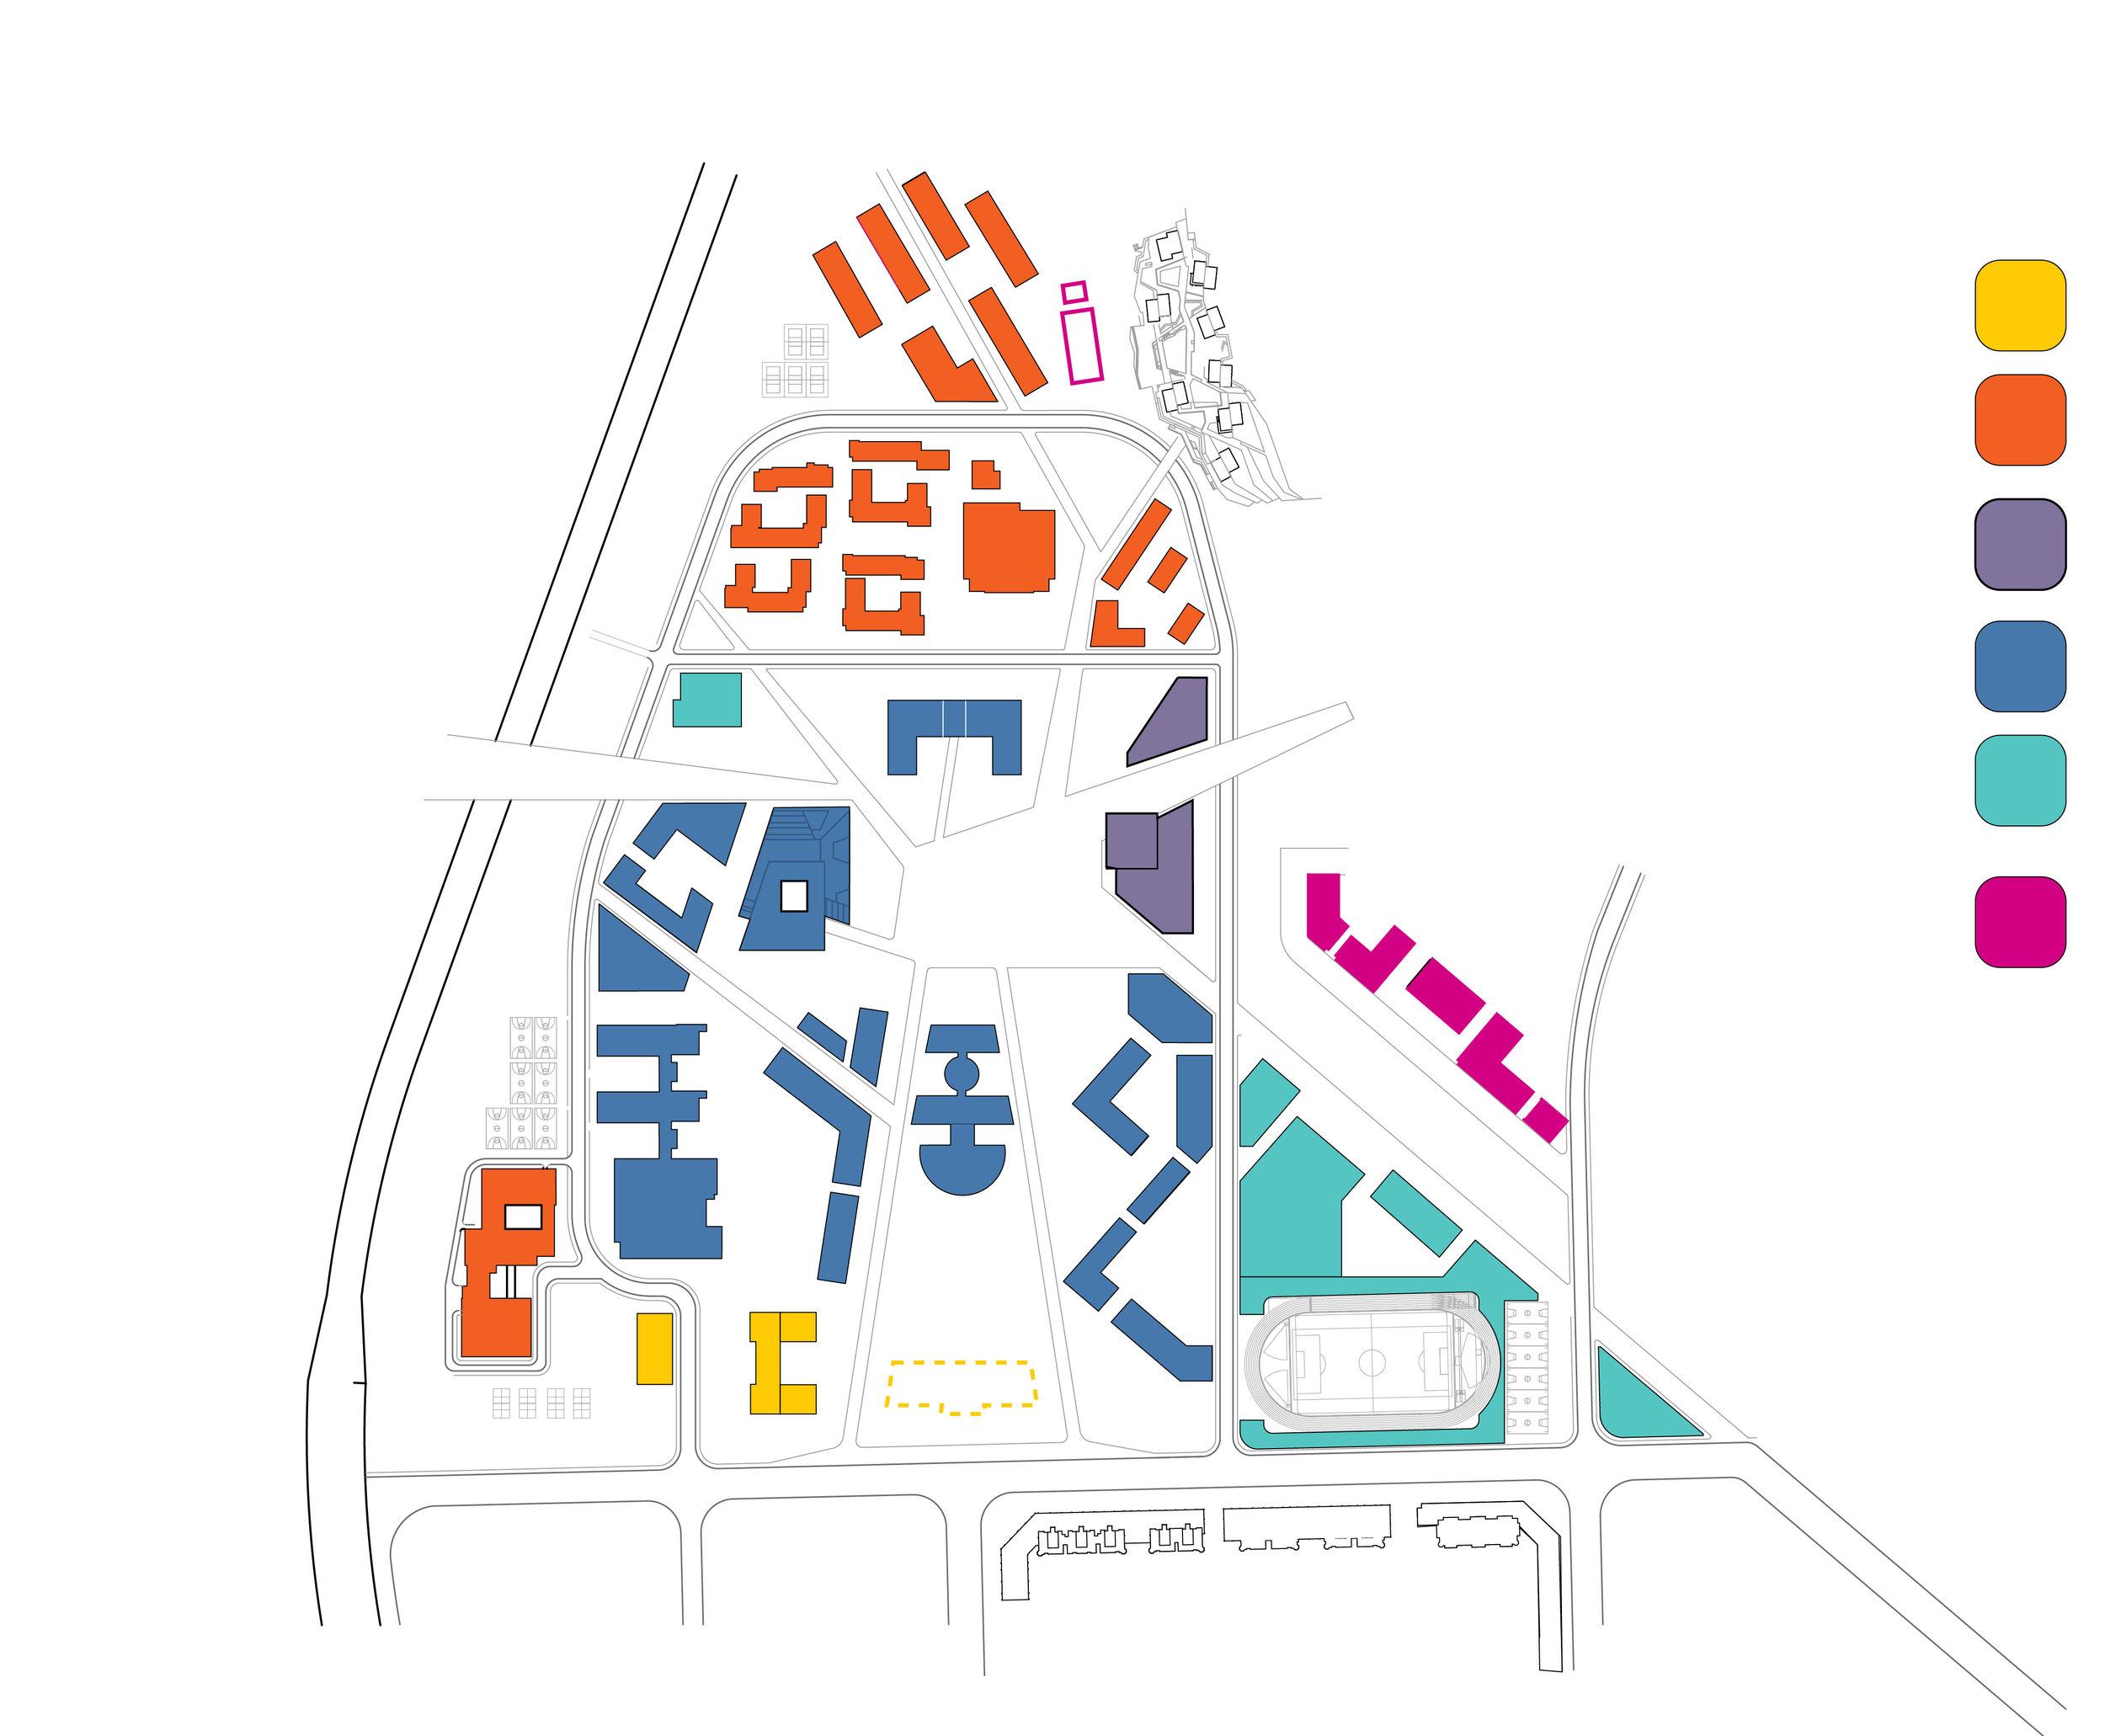 Programs organized through quasi-traditional American campus quads